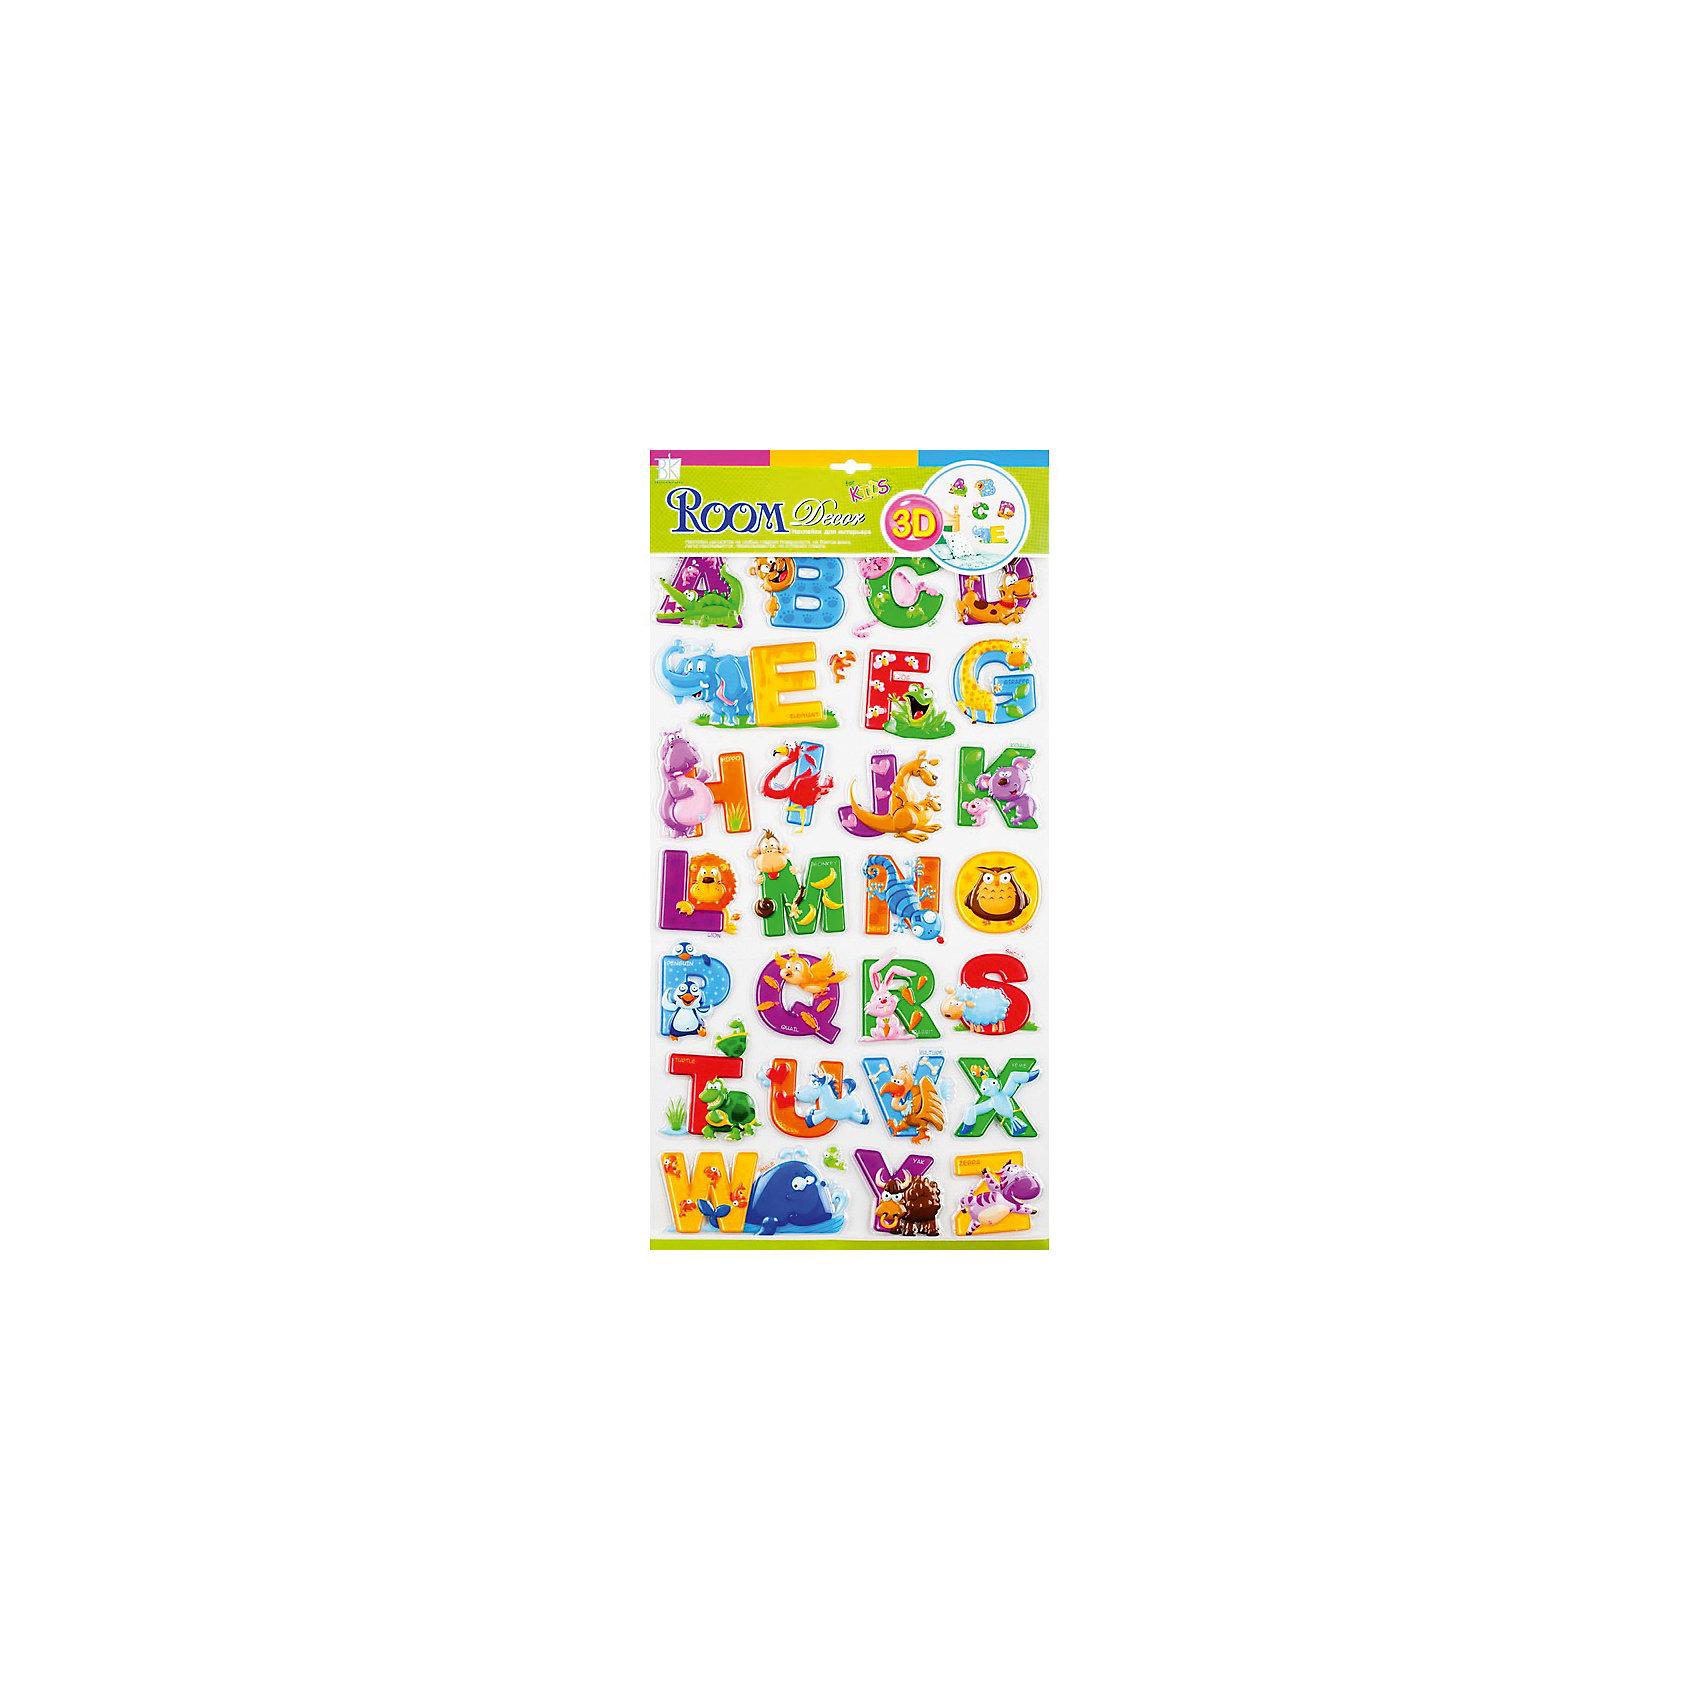 Наклейка Английский алфавит RCA0804, Room DecorПредметы интерьера<br>Характеристики:<br><br>• Предназначение: декор комнаты, создание обучающей зоны в детской комнате<br>• Тематика наклеек: английский алфавит<br>• Материал: картон, ПВХ<br>• Комплектация: 28 элементов<br>• Форма: 3d<br>• Клейкая поверхность крепится на окрашенные стены, обои, двери, деревянные панели, стекло<br>• Не повреждают поверхность<br>• Устойчивы к выцветанию и истиранию<br>• Повышенные влагостойкие свойства<br>• Размеры (Д*Ш*В): 29*7*57 см<br>• Вес: 50 г<br>• Упаковка: блистер<br><br>Все наклейки выполнены из безопасного и нетоксичного материала – ПВХ. Прочная клеевая основа обеспечивает надежное прикрепление практически к любому виду горизонтальной или вертикальной поверхности, при этом не деформируя и не повреждая ее. Наклейки обладают влагоустойчивыми свойствами, поэтому они хорошо переносят влажную уборку. <br><br>Наклейка Английский алфавит RCA0804, Room Decor состоит из набора, в который входят 28 элементов с изображением букв английского алфавита. Набор выполнен в объемном формате, что придает всей композиции 3d эффект. На каждой букве имеется изображение предмета или животного, название которого начинается с указанной буквы. <br><br>Наклейку Английский алфавит RCA0804, Room Decor можно купить в нашем интернет-магазине.<br><br>Ширина мм: 320<br>Глубина мм: 70<br>Высота мм: 570<br>Вес г: 50<br>Возраст от месяцев: 36<br>Возраст до месяцев: 168<br>Пол: Унисекс<br>Возраст: Детский<br>SKU: 5513021